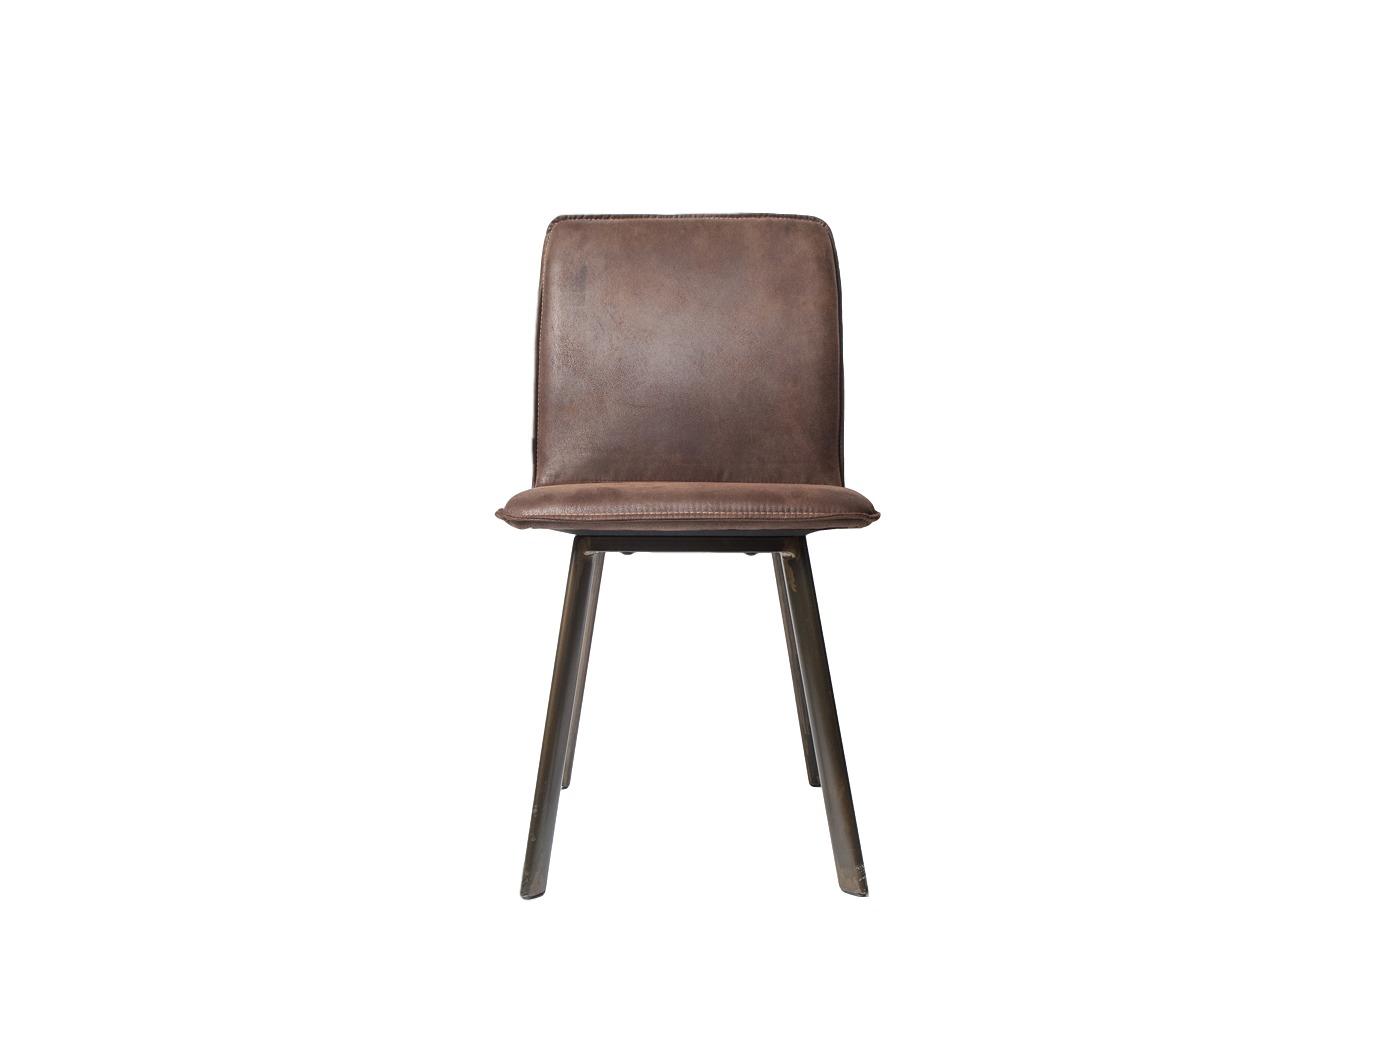 Стул BlackwaterОбеденные стулья<br>Простой и элегантный стул в стиле Loft с обивкой из высококачественной экозамши ( Recycled Leather)  цвет Blackwater Texas Brown на металлическом каркасе.&amp;lt;div&amp;gt;&amp;lt;br&amp;gt;&amp;lt;/div&amp;gt;&amp;lt;div&amp;gt;<br>Информация о комплекте&amp;lt;a href=&amp;quot;https://www.thefurnish.ru/shop/mebel/mebel-dlya-doma/komplekty-mebeli/66389-obedennaya-gruppa-vintage-stol-plius-4-stula&amp;quot;&amp;gt;&amp;lt;b&amp;gt;&amp;amp;gt;&amp;amp;gt; Перейти&amp;lt;/b&amp;gt;&amp;lt;/a&amp;gt;<br>&amp;lt;/div&amp;gt;<br><br>Material: Кожа<br>Length см: None<br>Width см: 47<br>Depth см: 56<br>Height см: 87<br>Diameter см: None